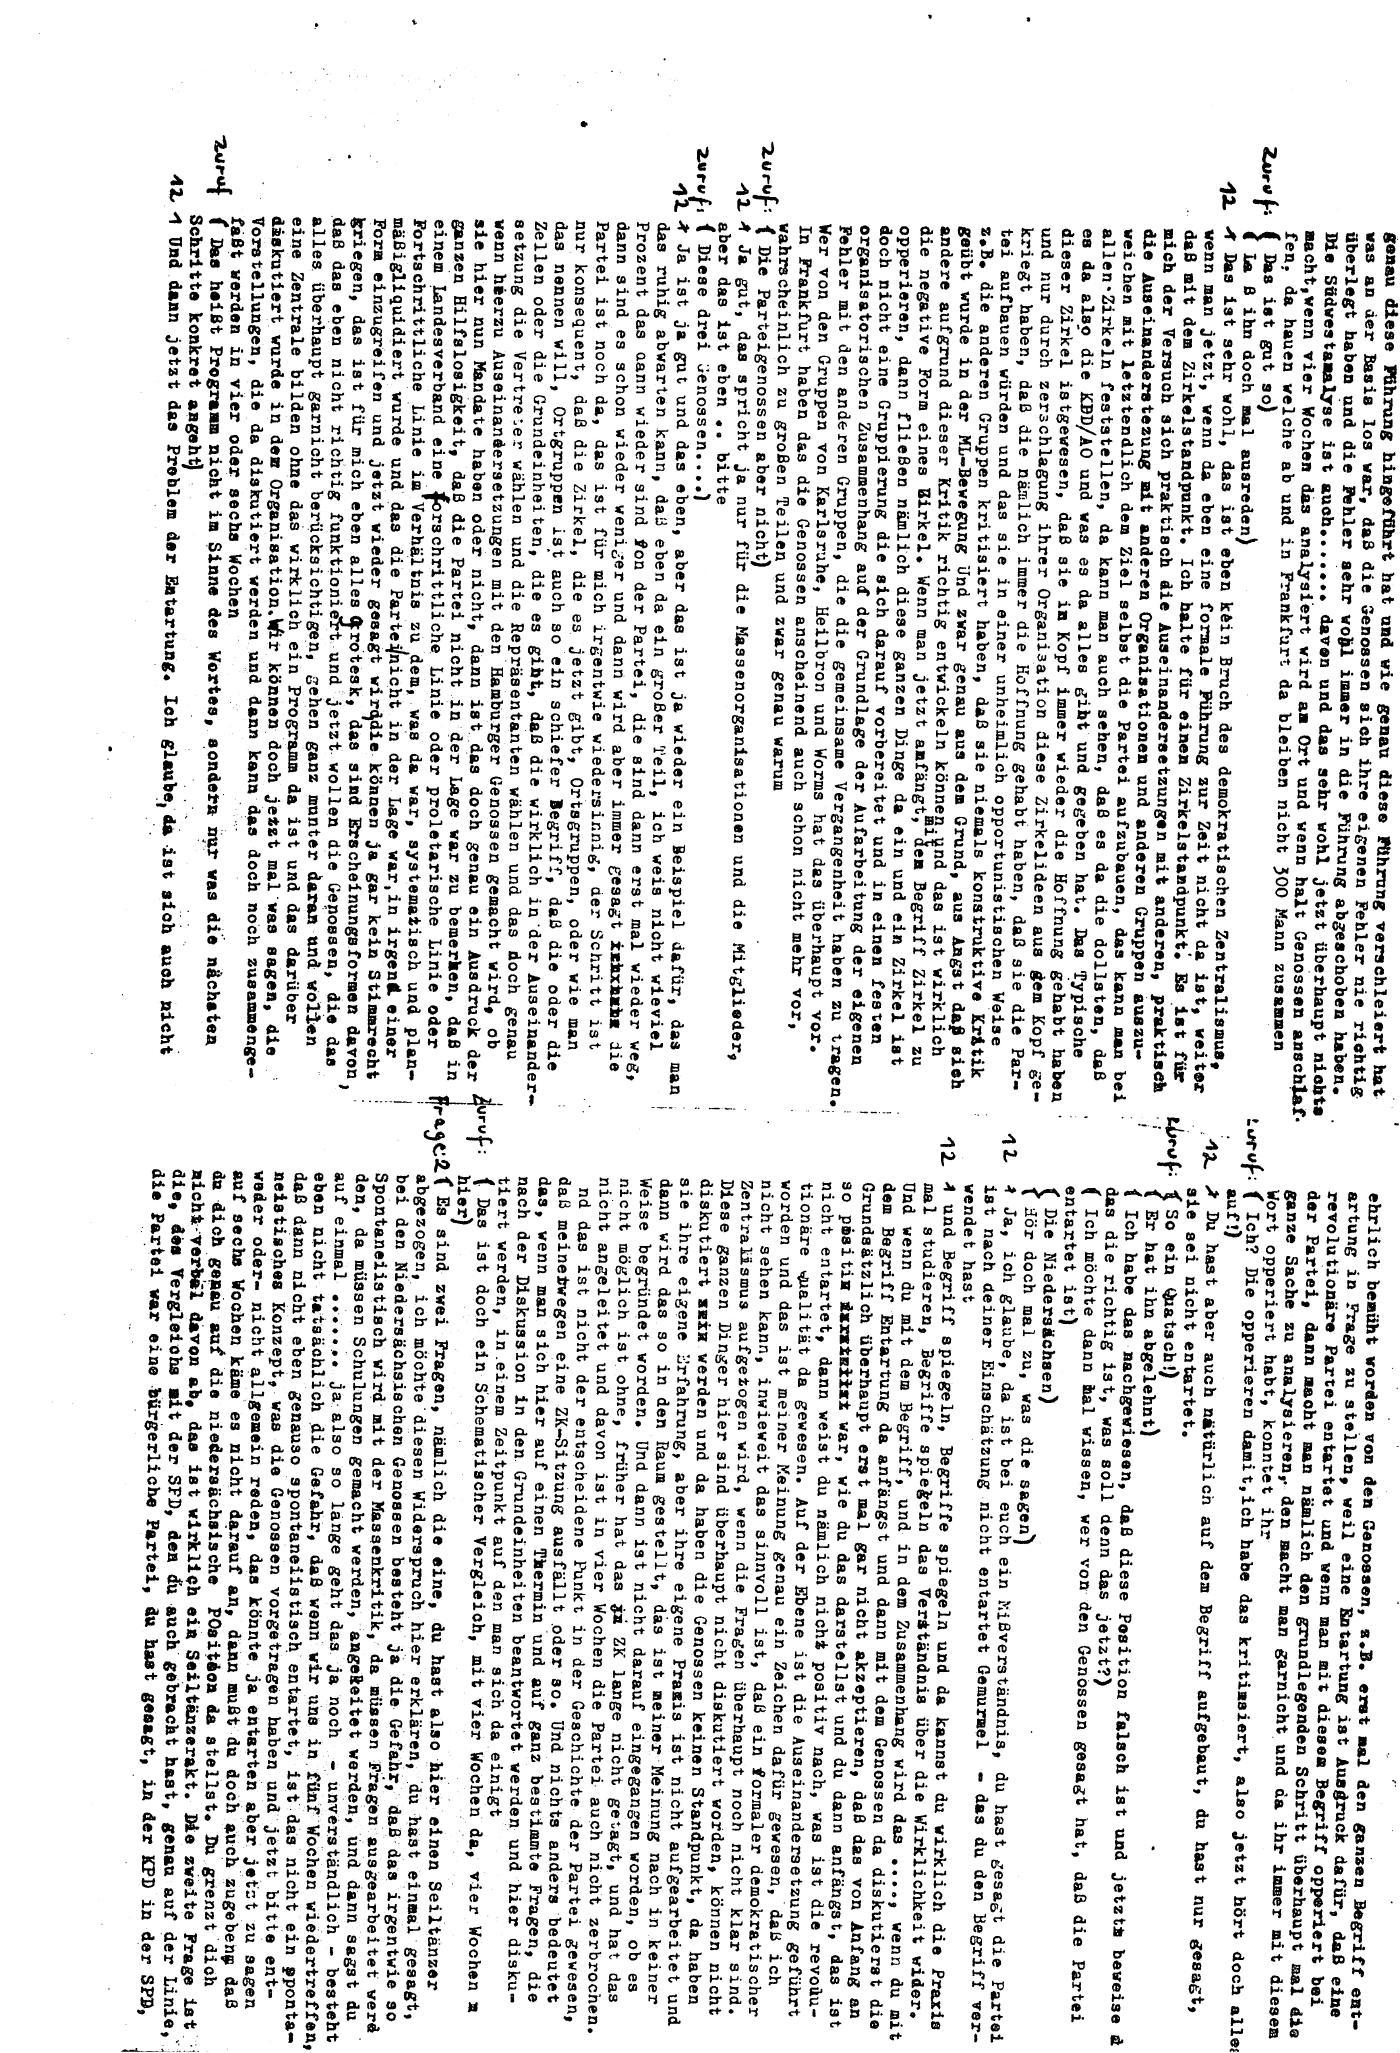 KPDML_1971_Wortprotokolle_aoPt_085